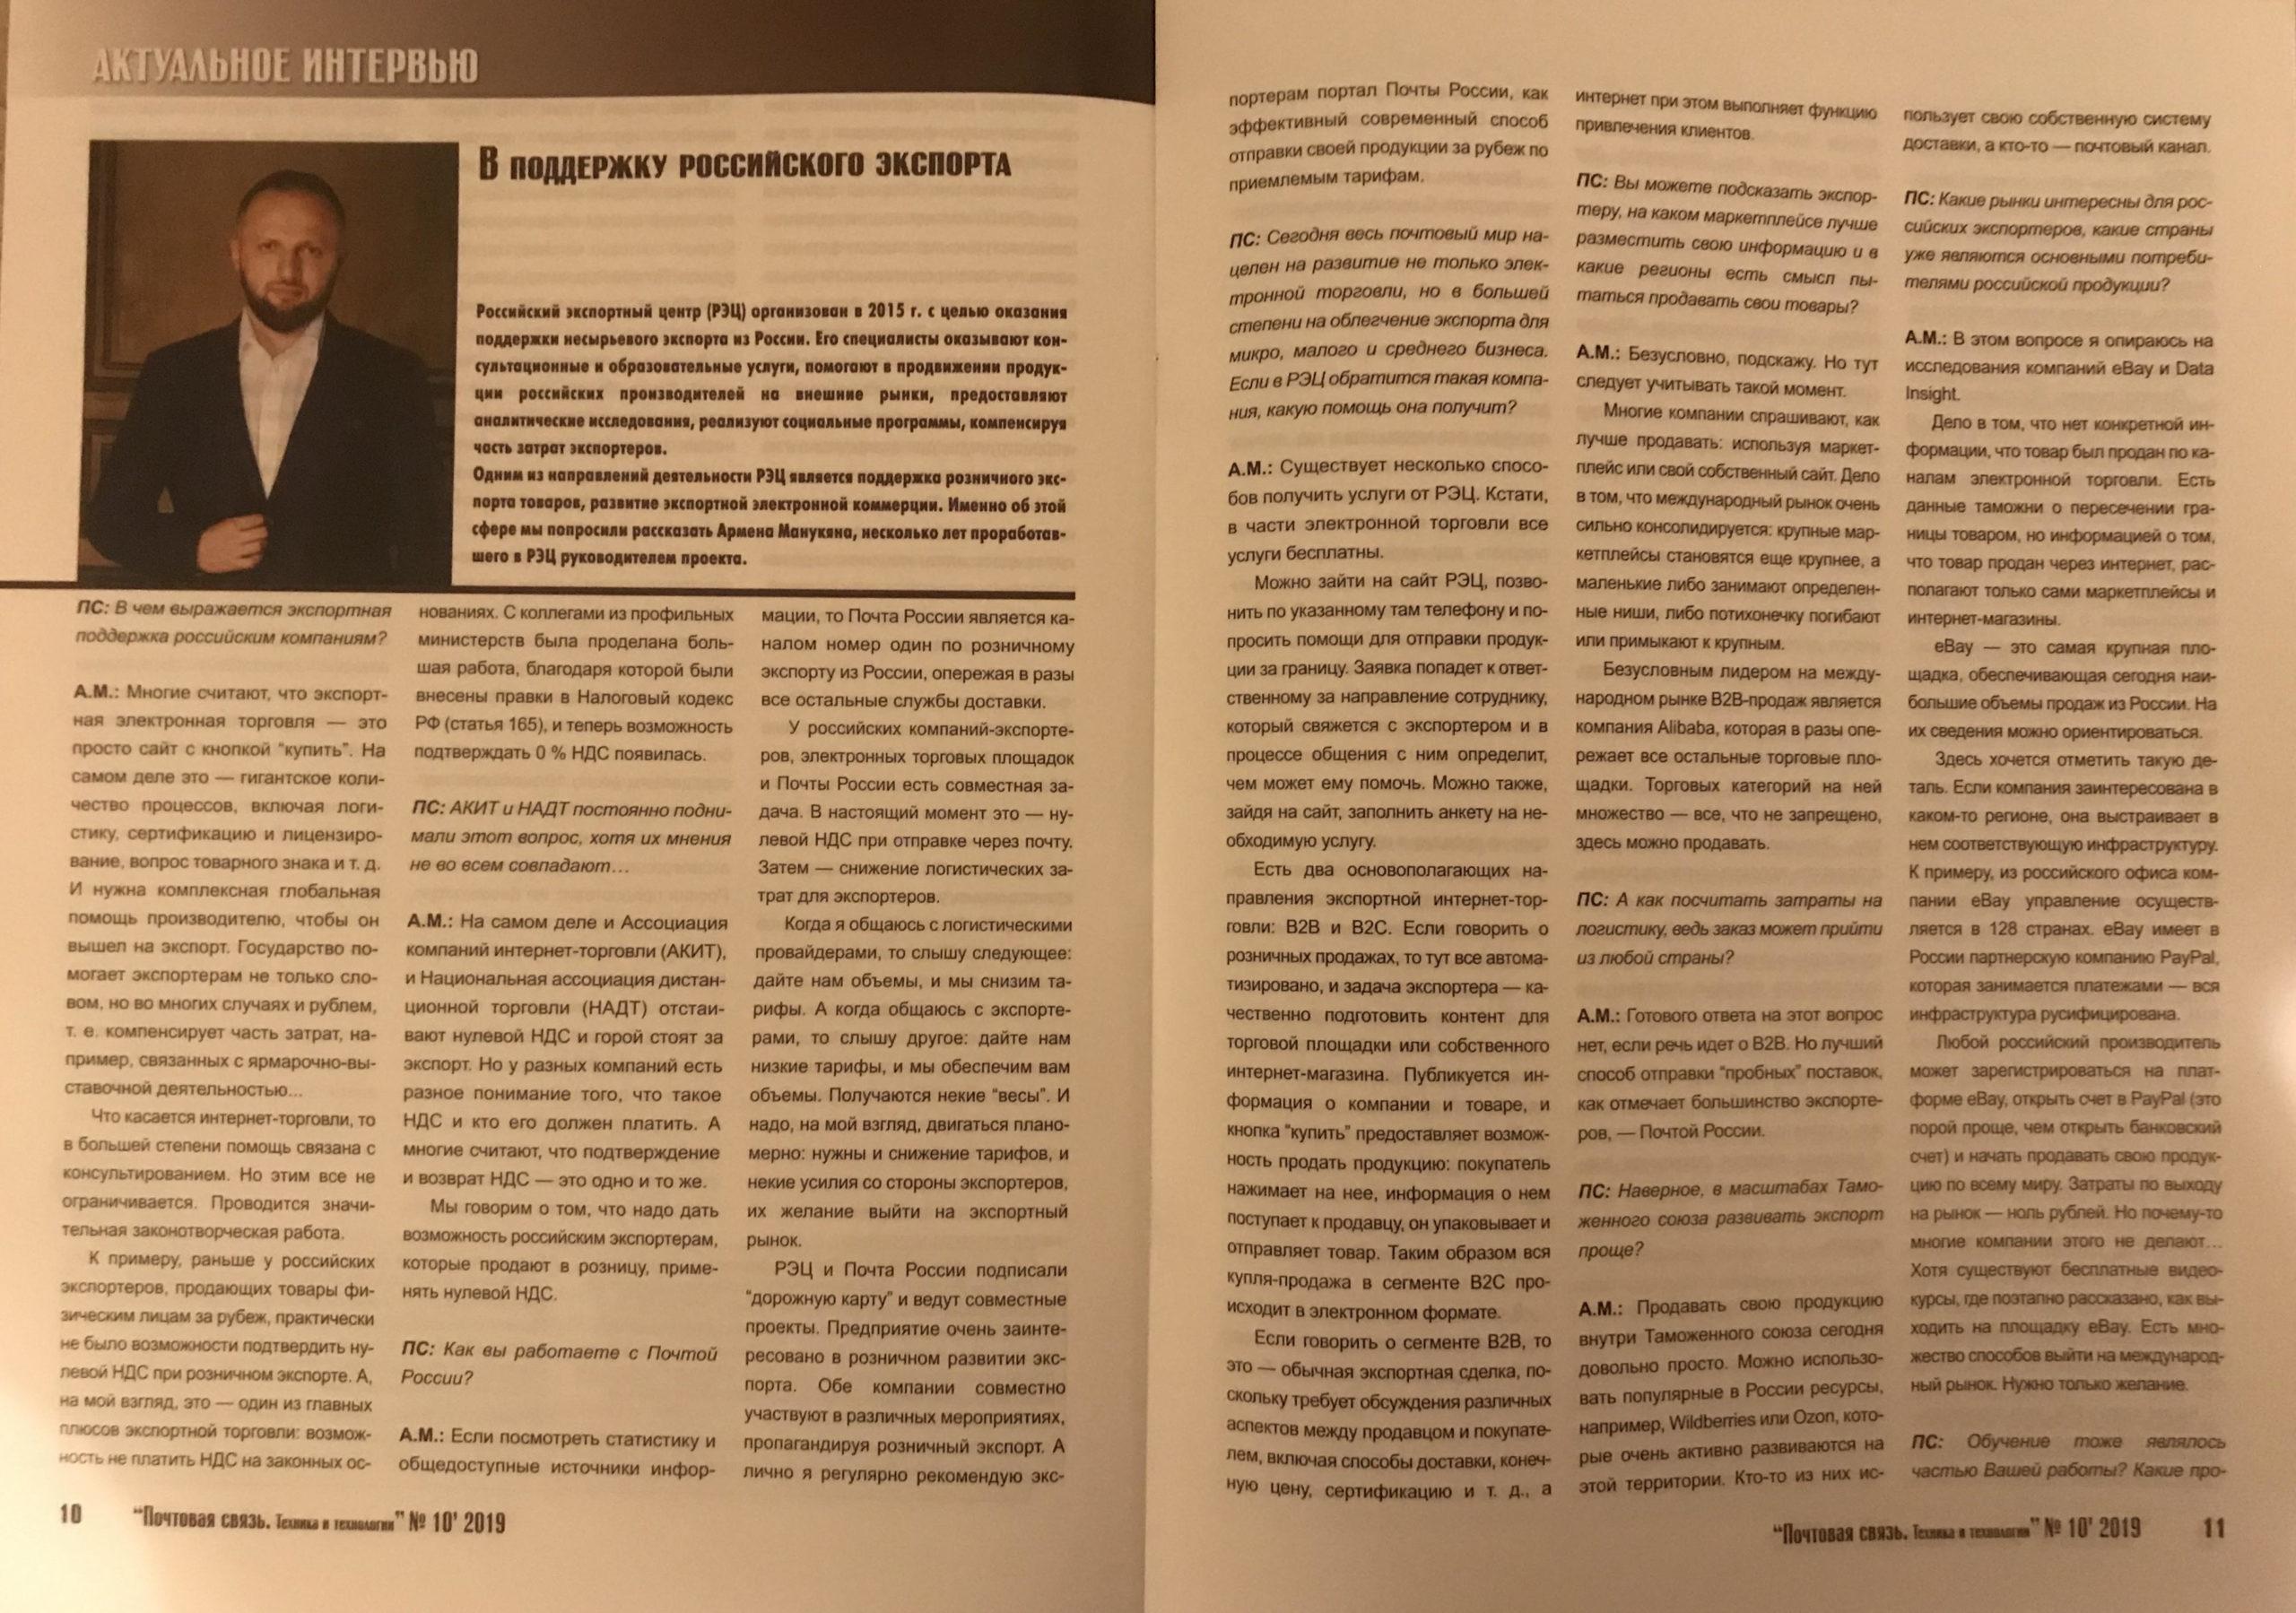 Интервью для журнала Почтовая связь